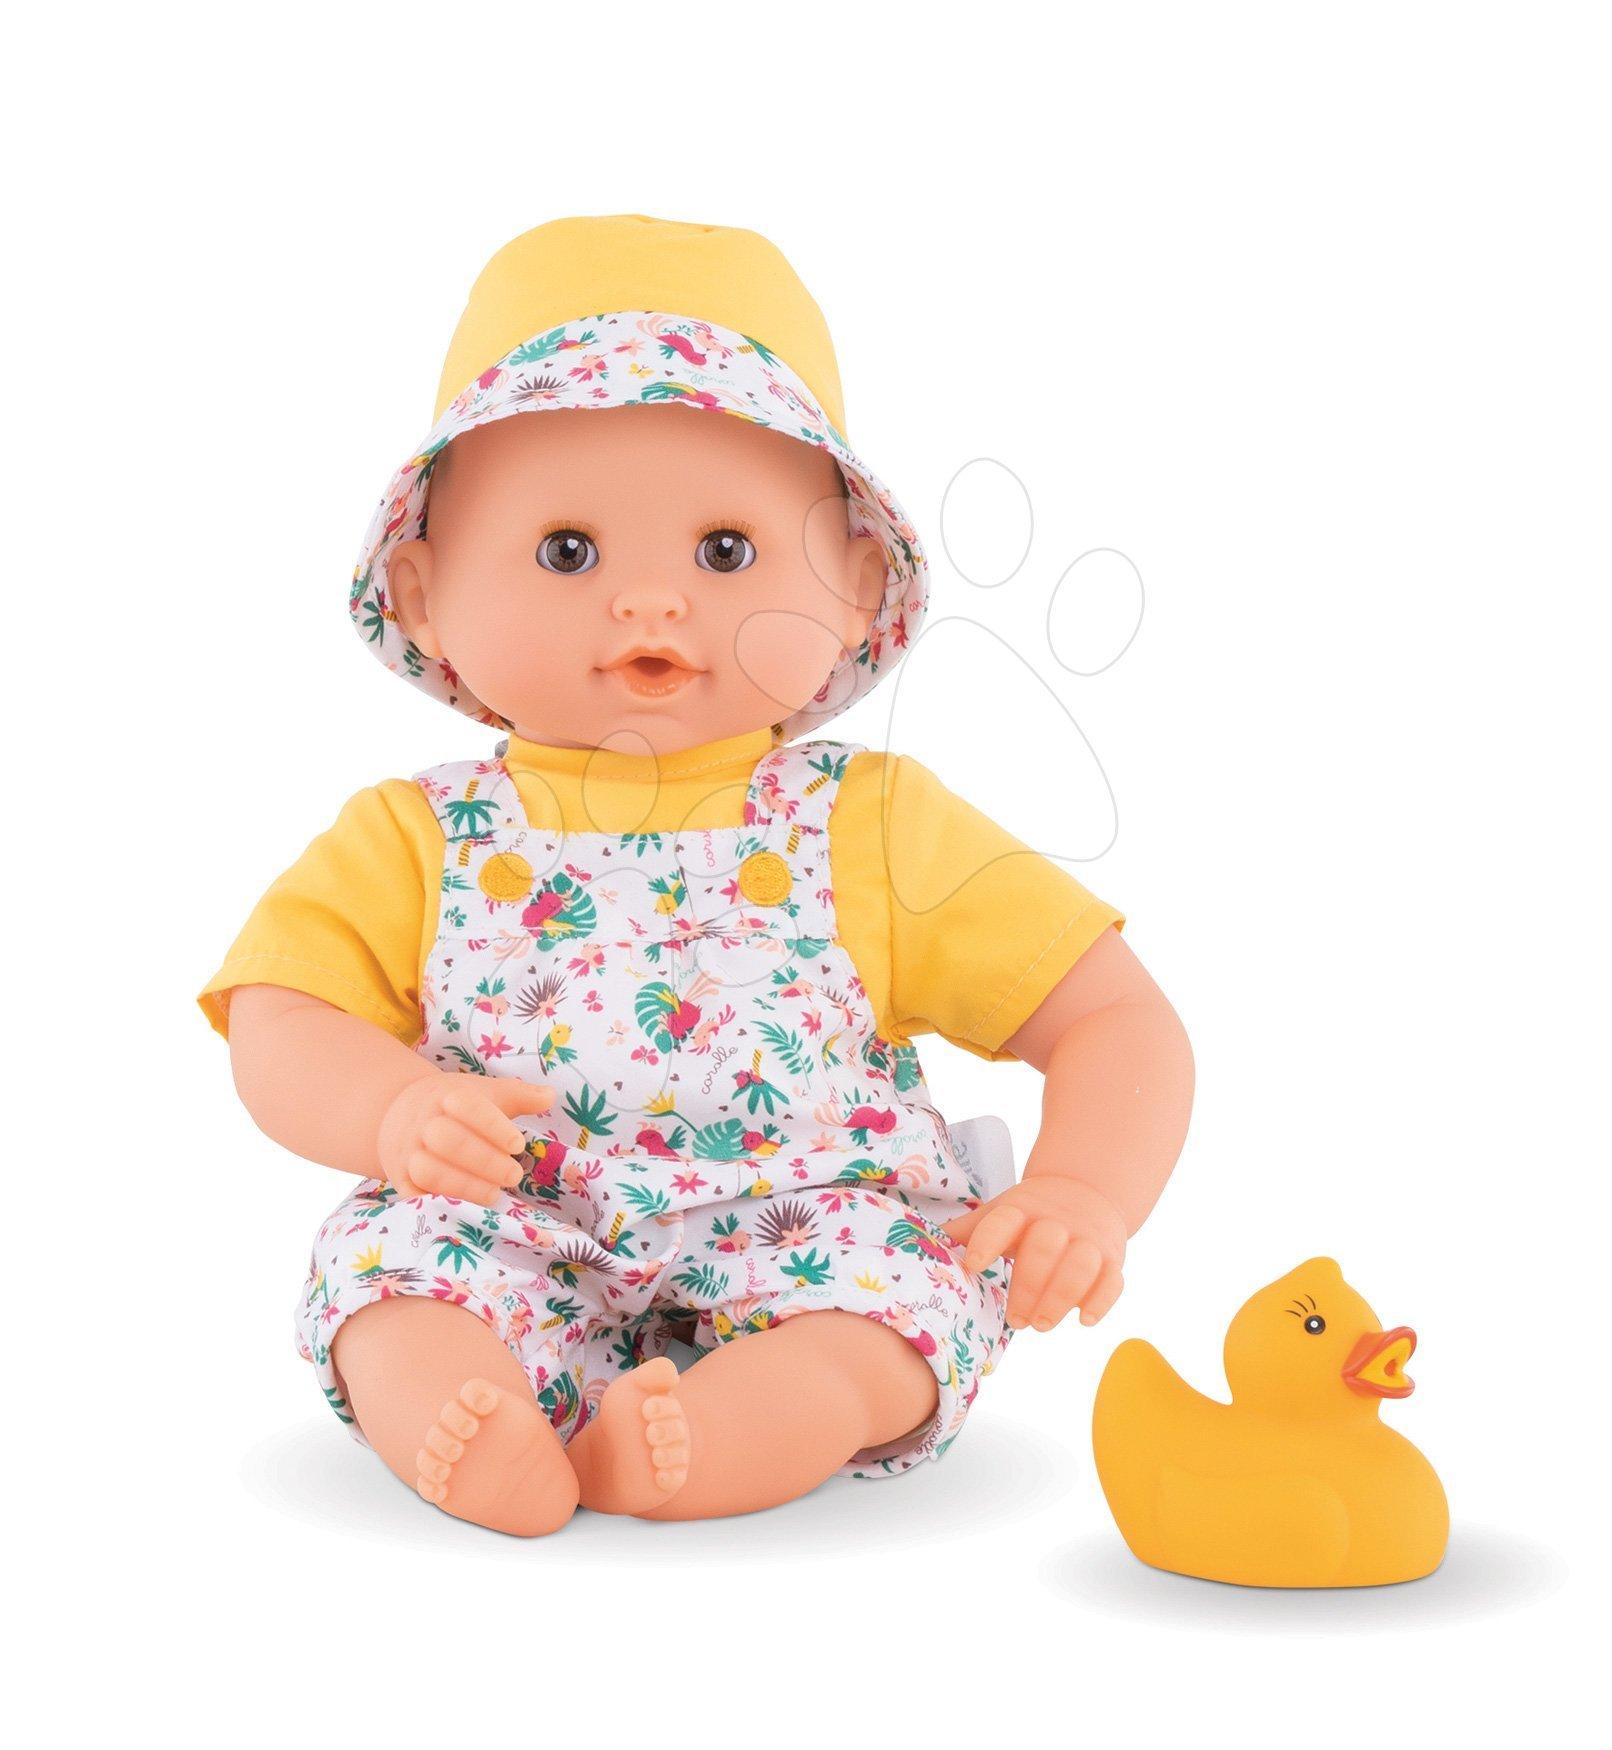 Panenka na koupání Bebe Bath TropiCorolle Corolle s hnědými mrkacími očkami a kačenkou 30 cm od 18 měs